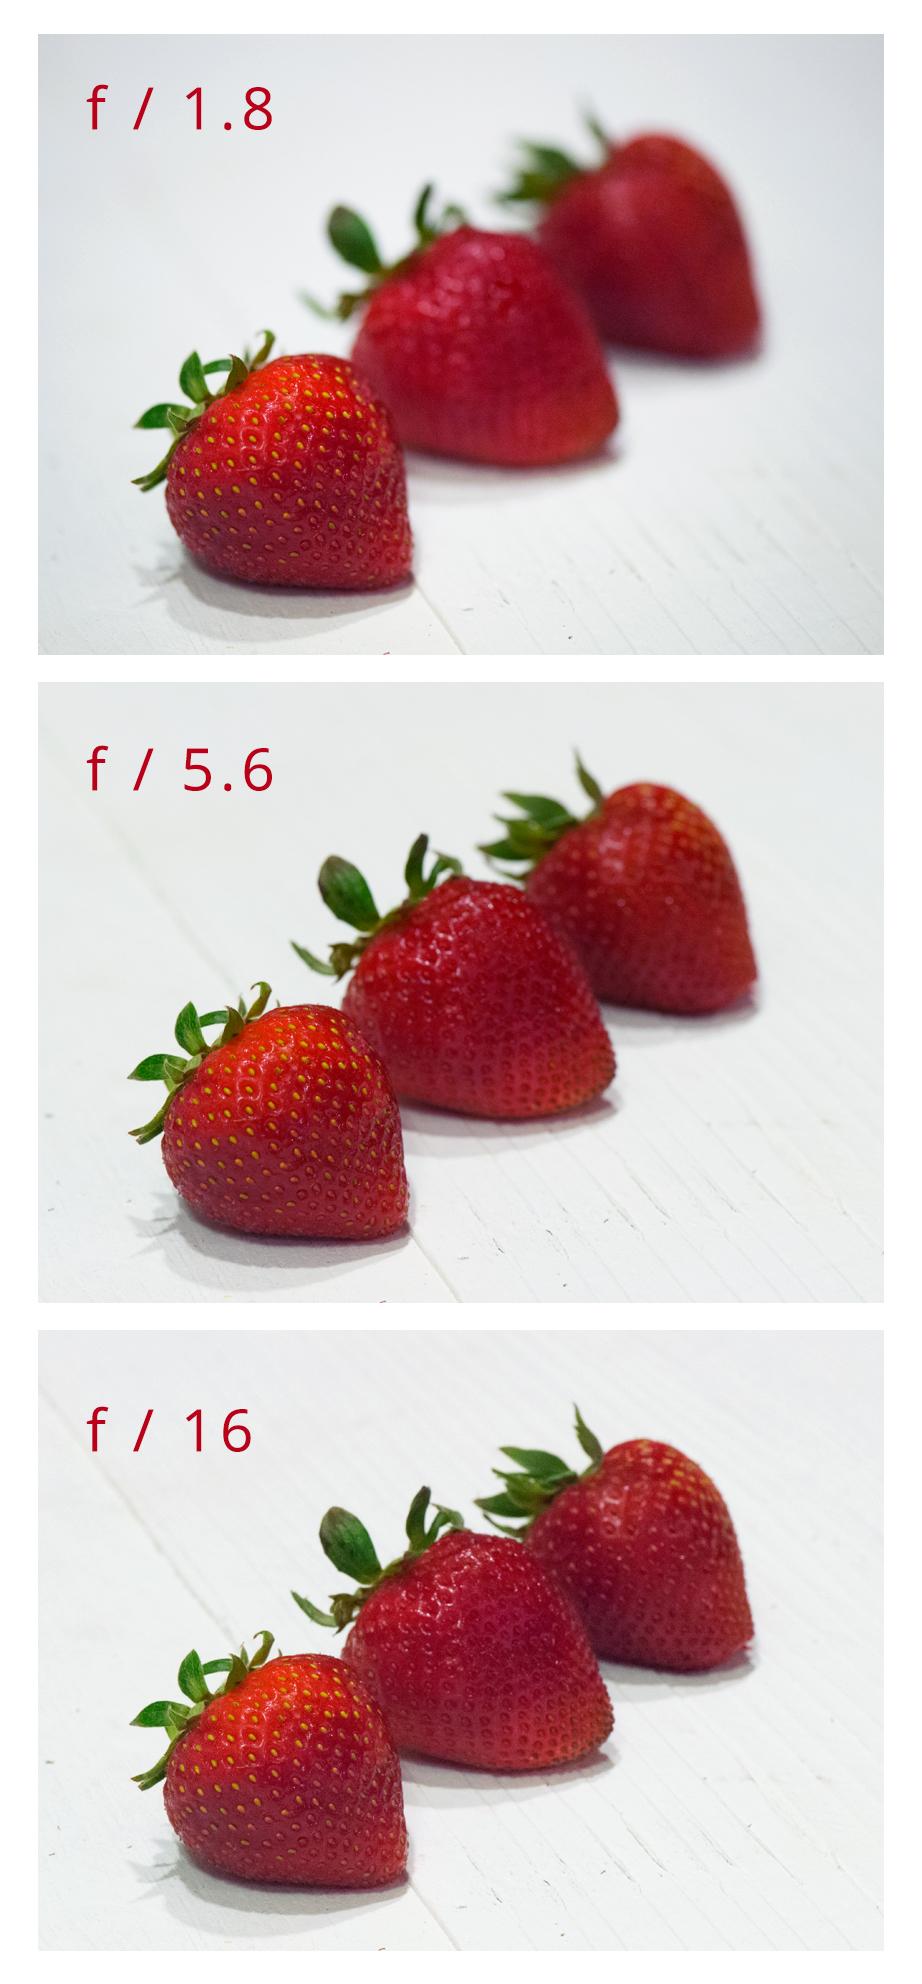 aperture example.jpg